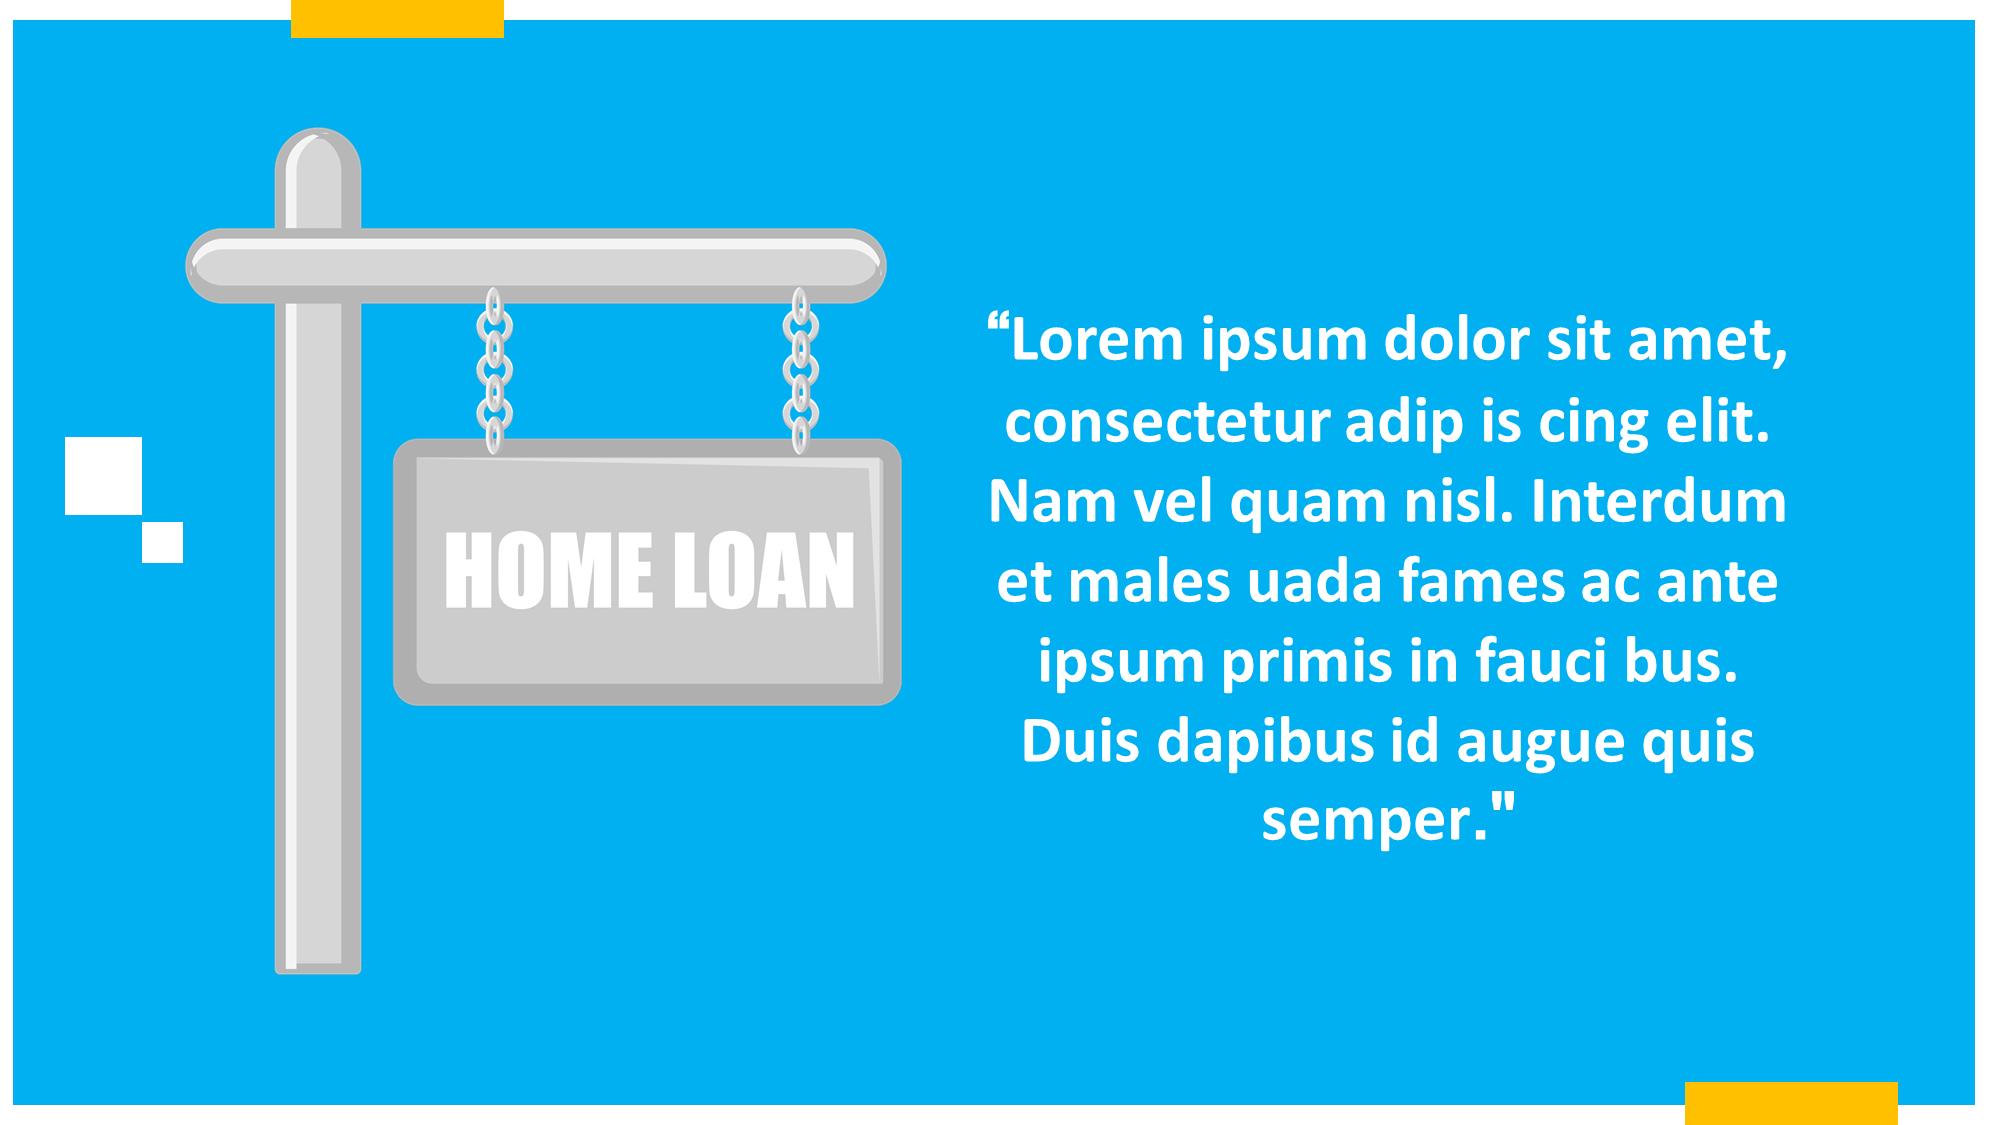 home loan presentation slide